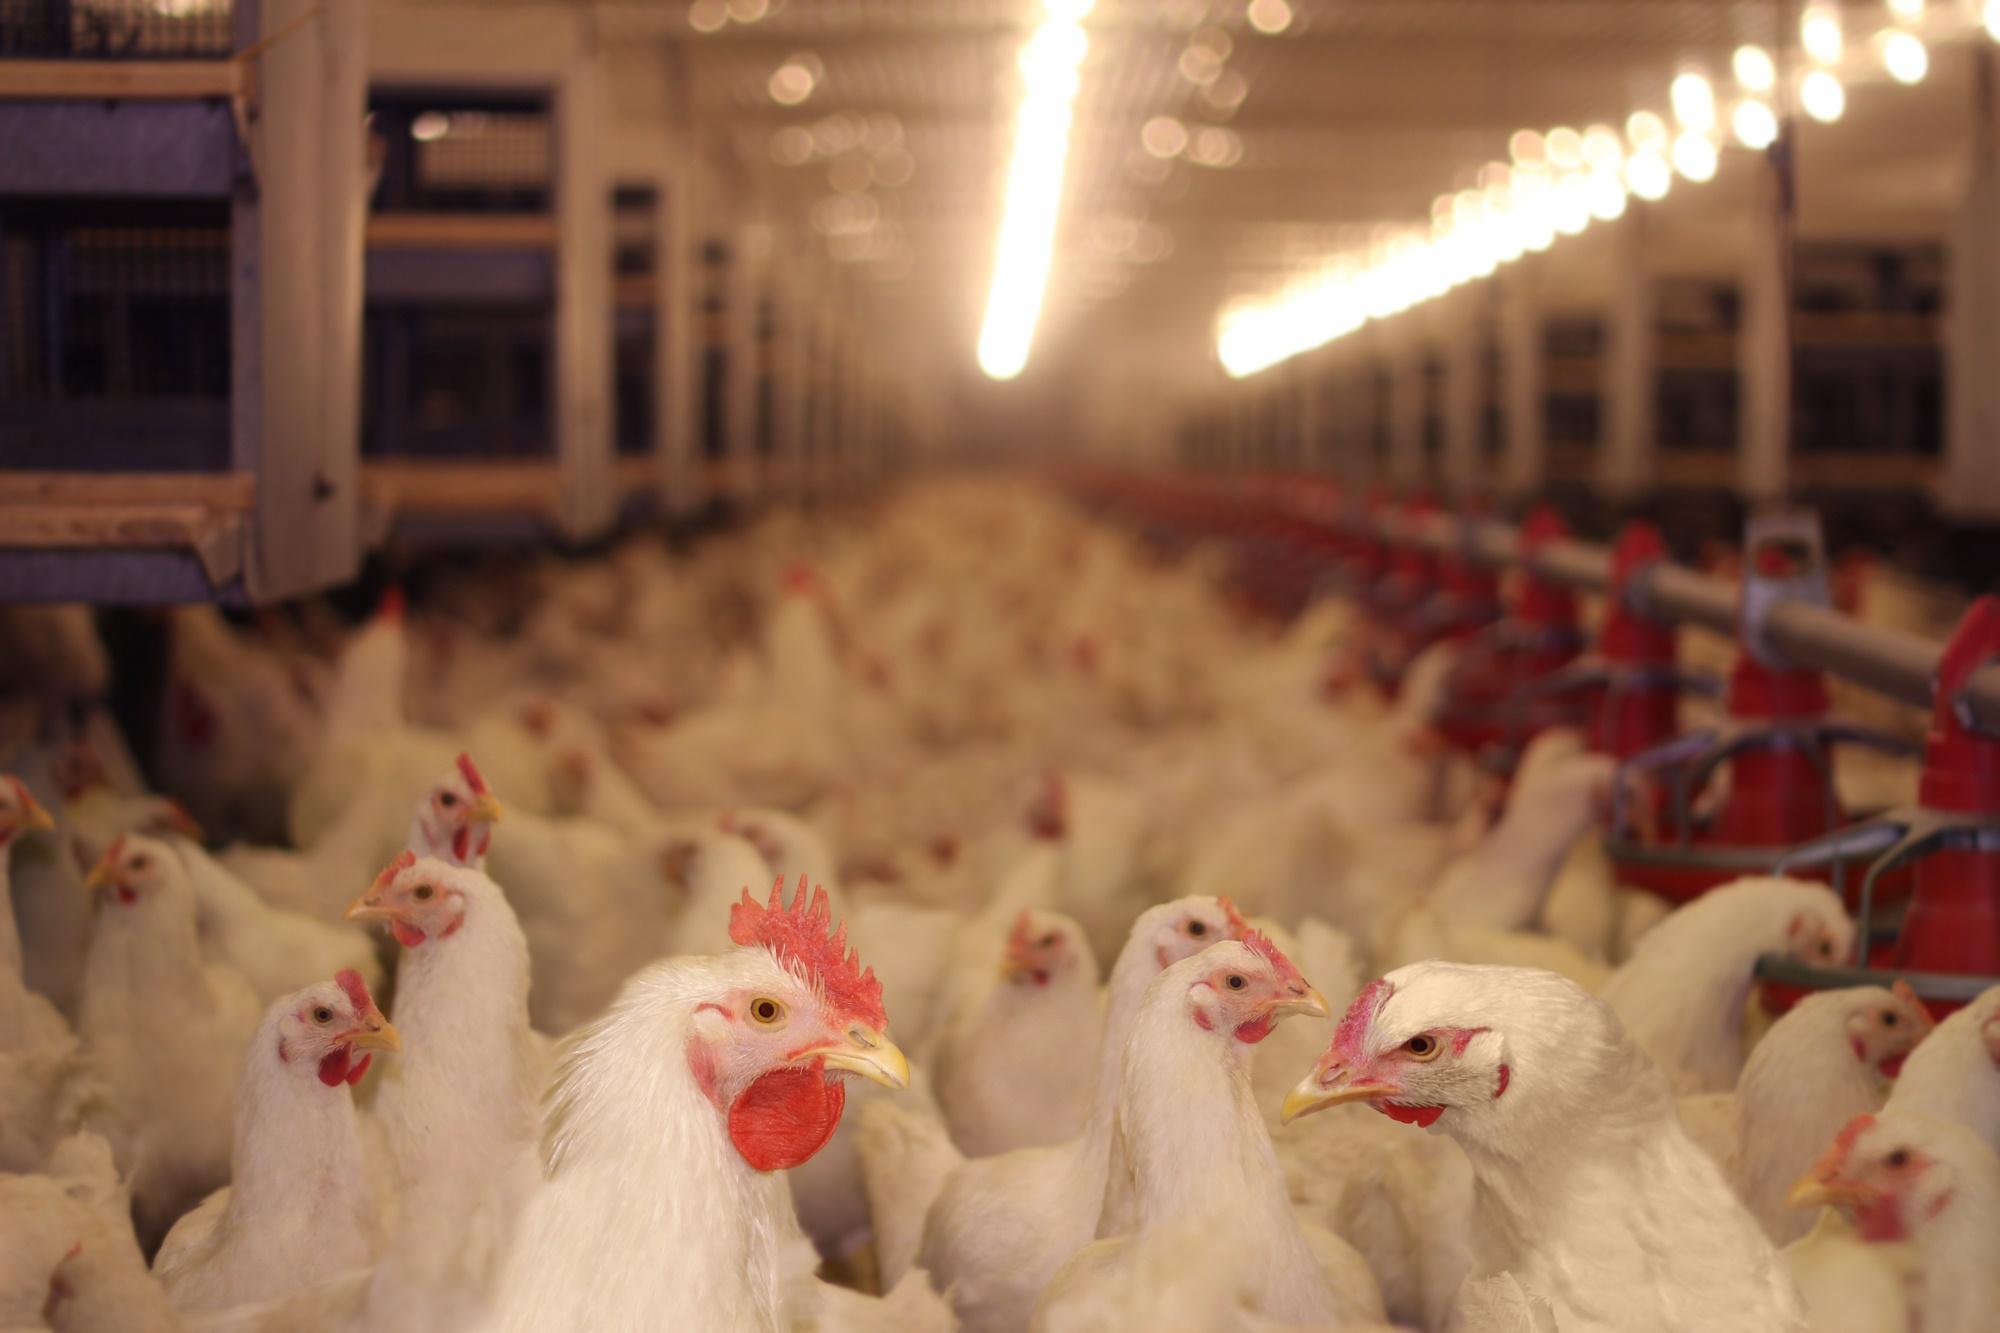 אפרוחים גדולי גוף בחוות פטם: תרנגולים של תעשיית הבשר.  גופם הושבח גנטית להיות גדול וכבד.הם יישחטו בגיל 35-40 יום של חיים בזוהמה וצפיפות.